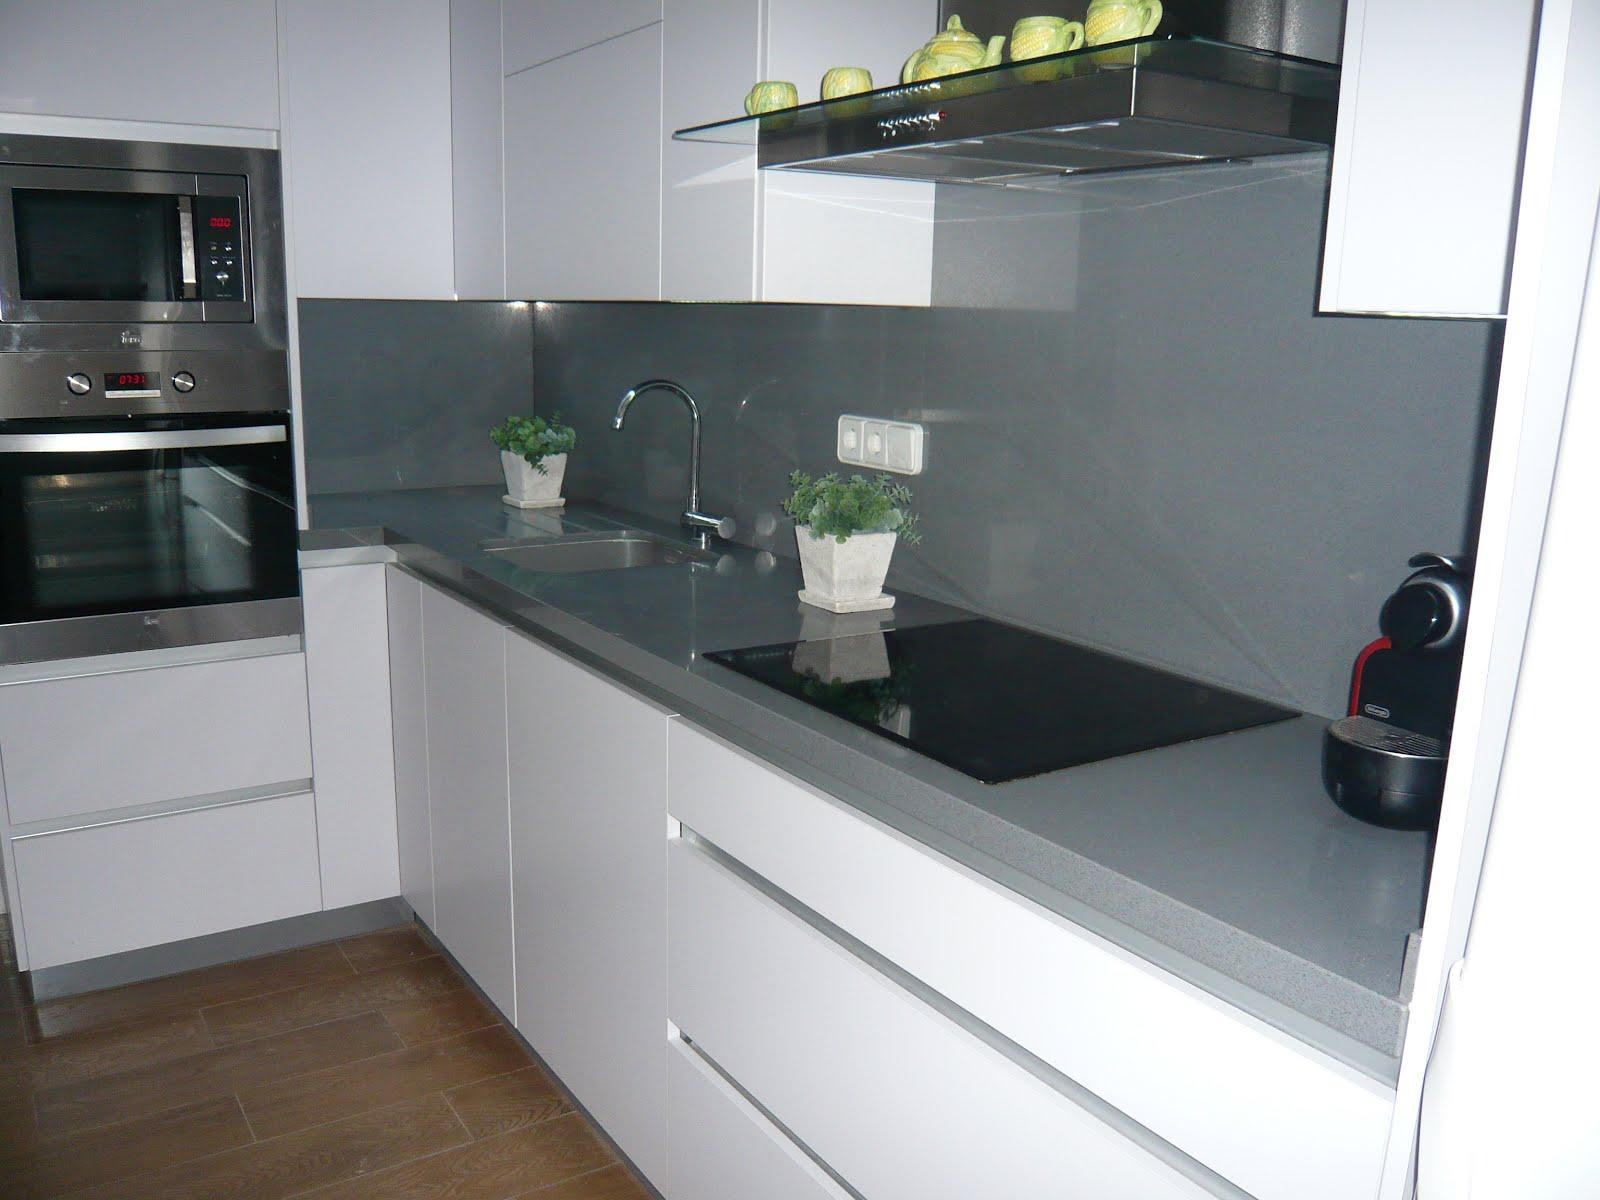 Reuscuina muebles de cocina con gola integrado sin for Tiradores para muebles de cocina